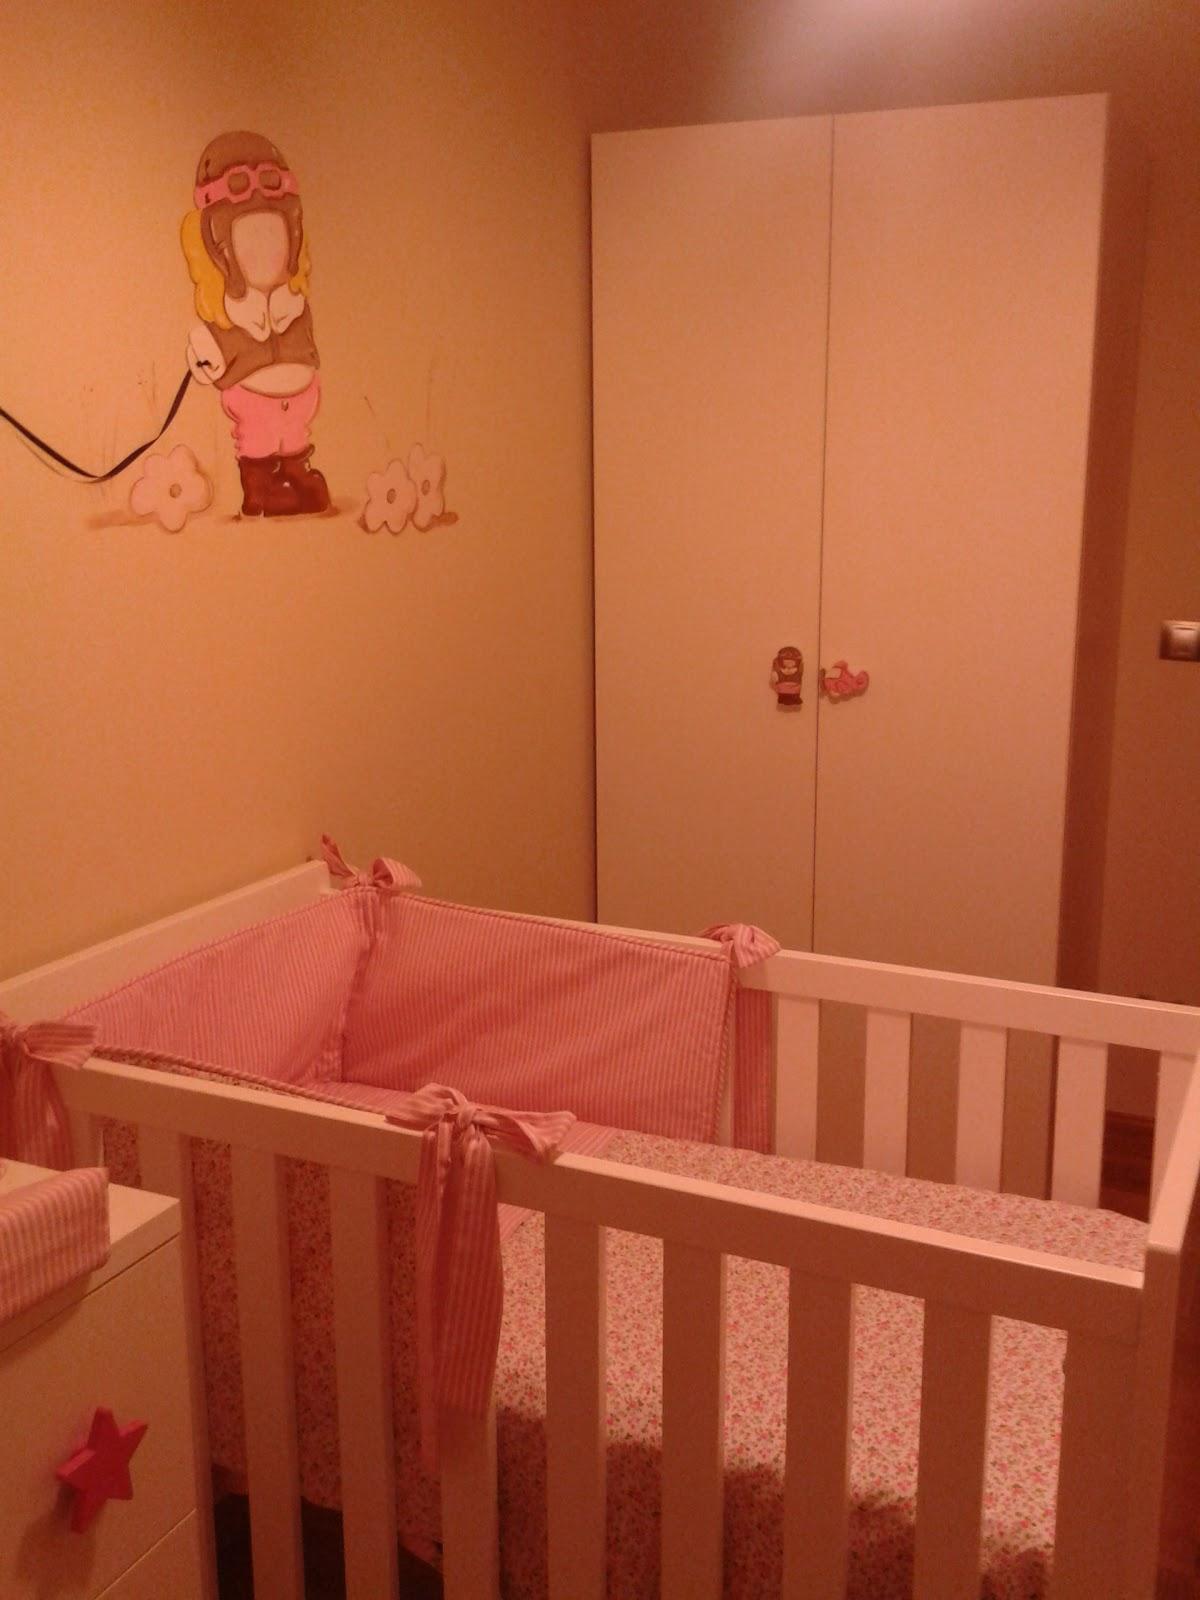 deco chambre b b peinture murale pour chambre de petite fille notre petite fille aviateur. Black Bedroom Furniture Sets. Home Design Ideas